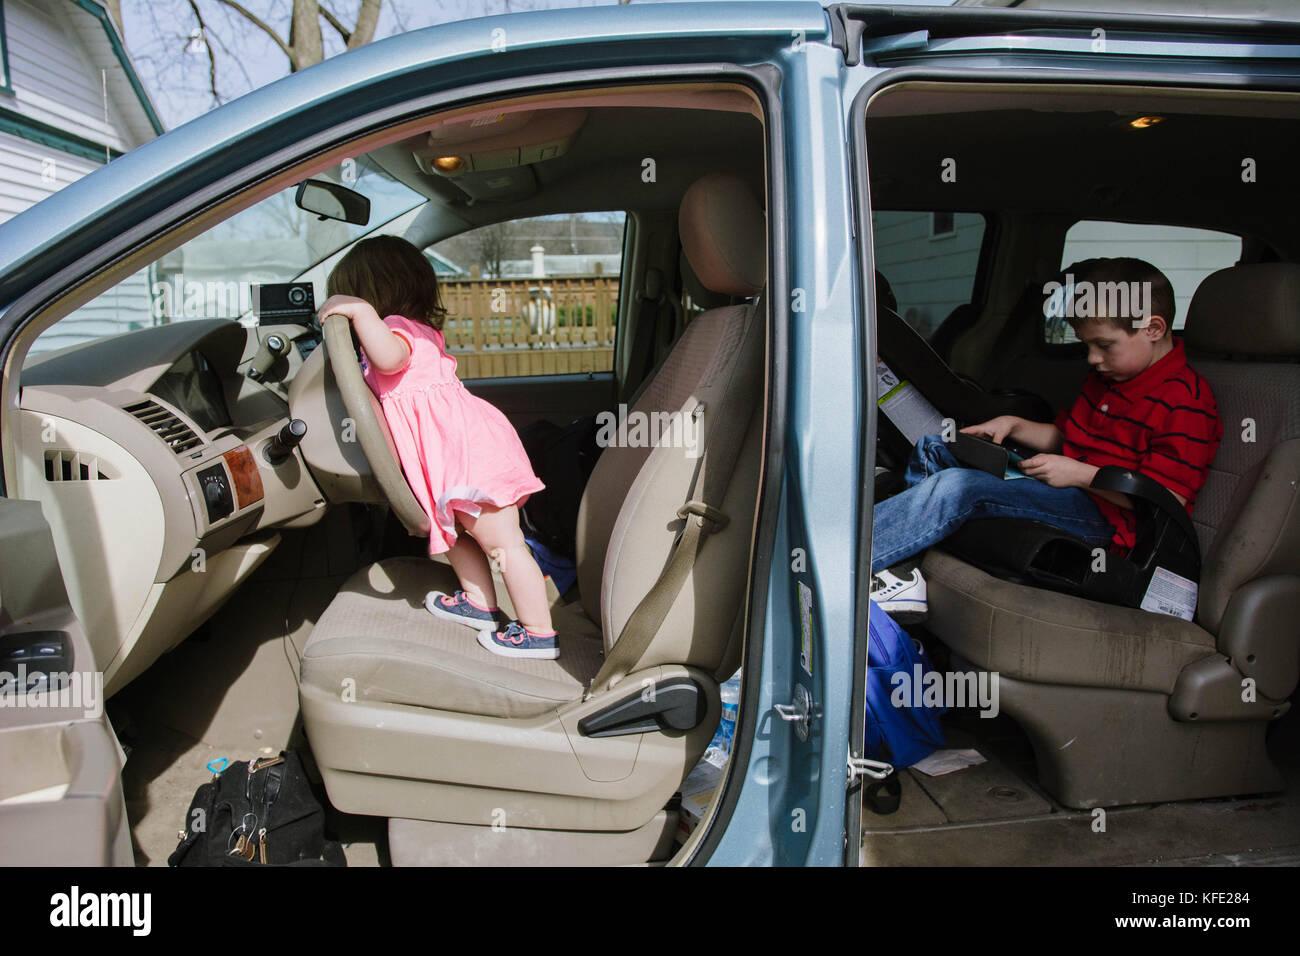 Zwei Kinder in einem Van. Stockbild